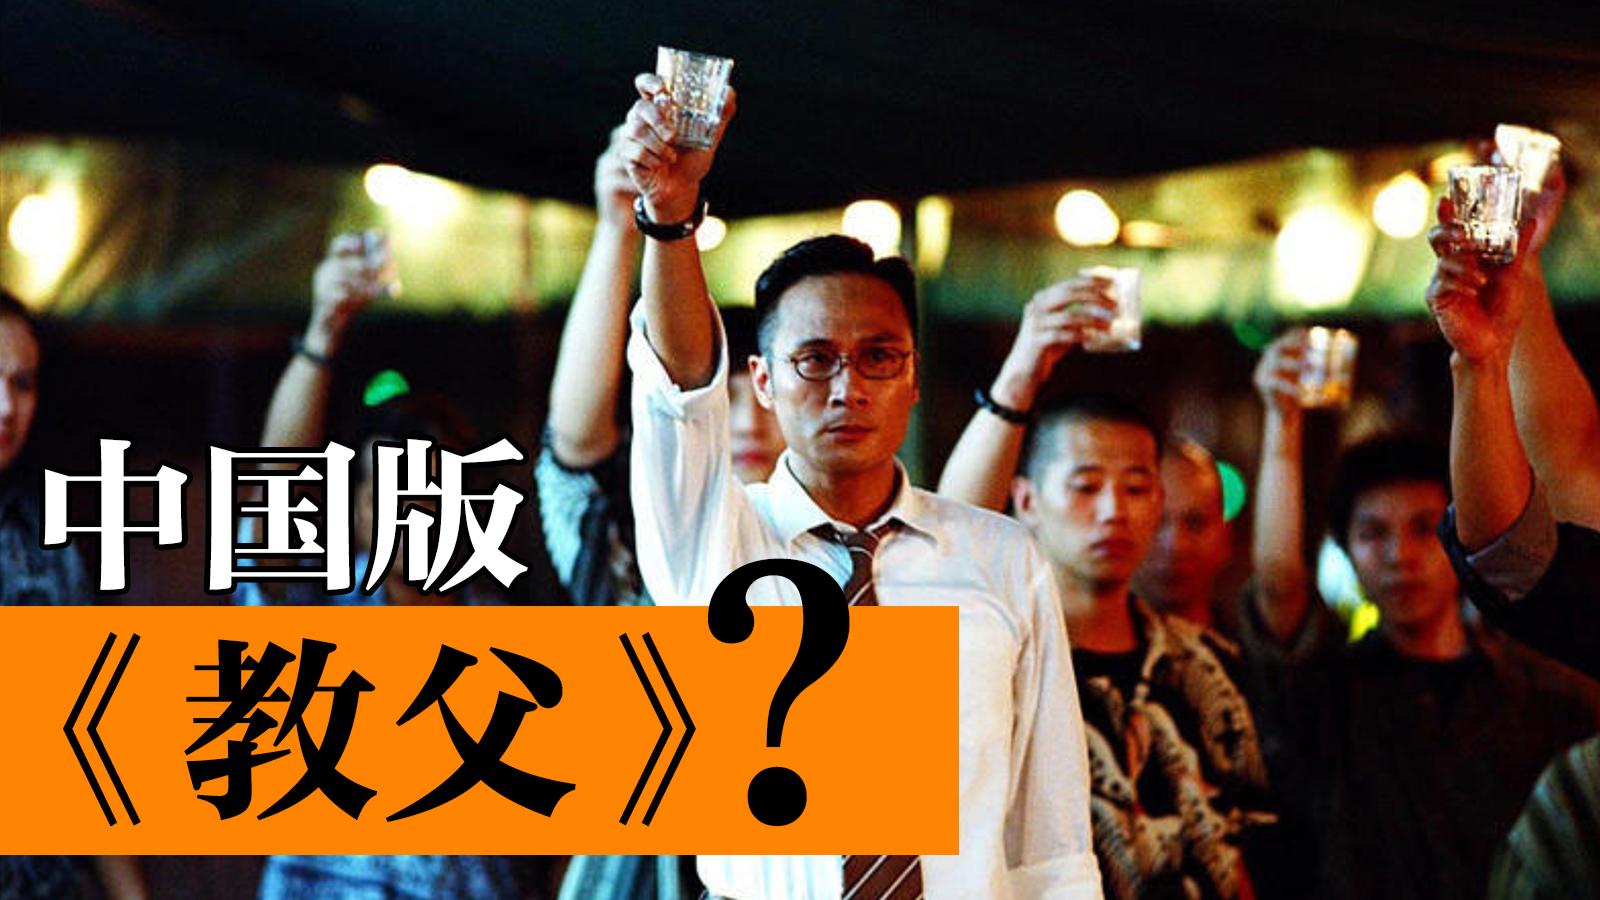 中国版《教父》,值得载入史册的华语黑帮史诗 《无间道2》